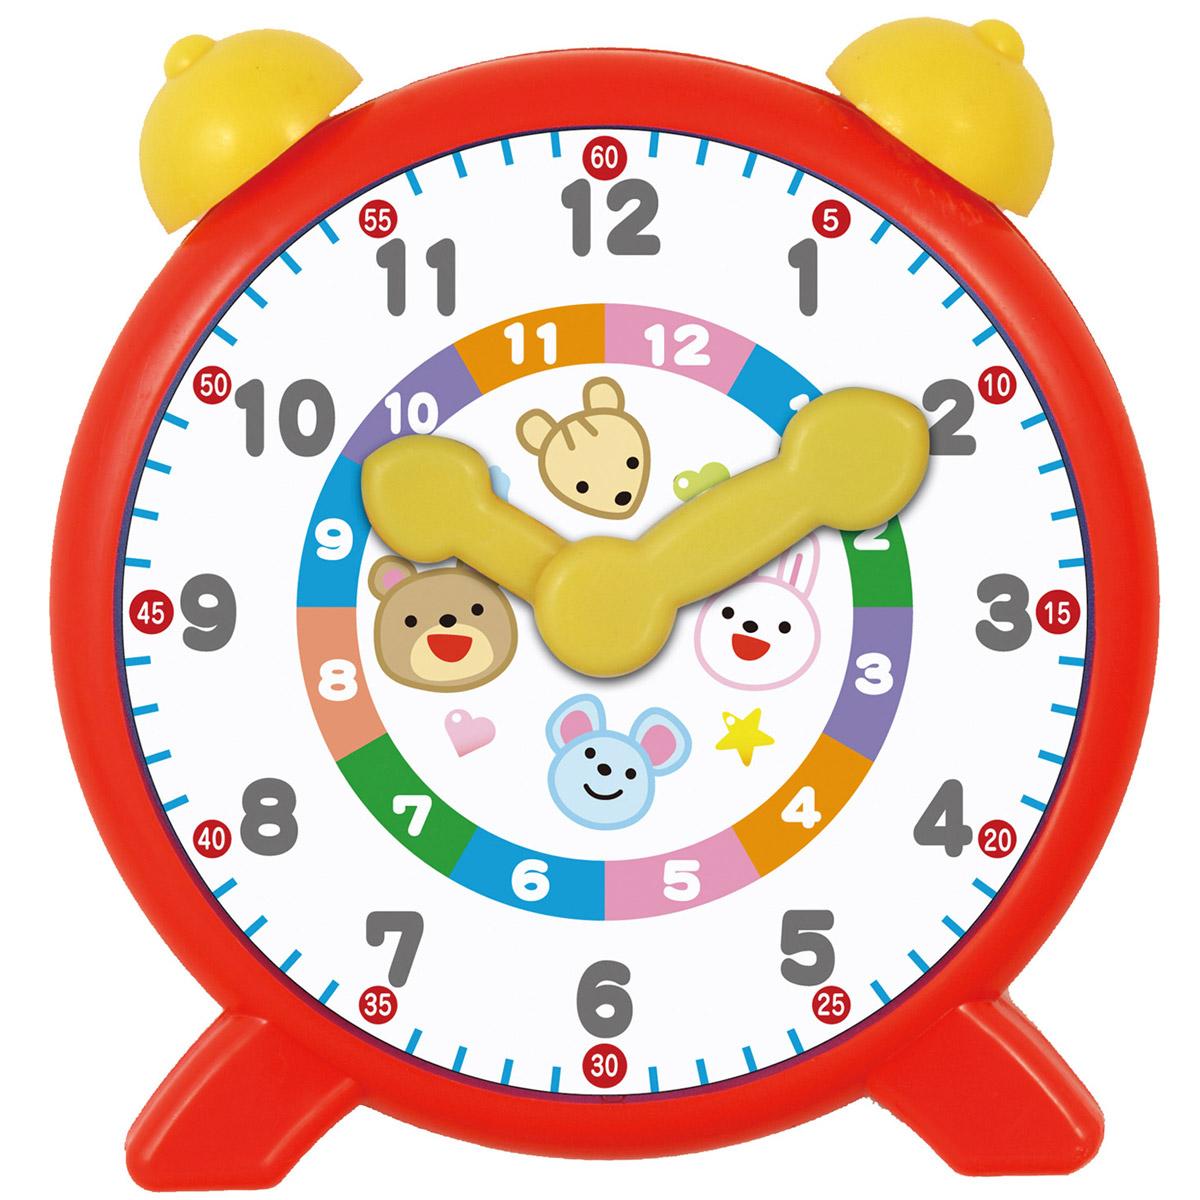 メール便可 子供 キッズ おもちゃ 幼児 学習 さんすう 時計 こどもの時計の勉強に はじめての時間あそび おじかんレッスン 時間 知育玩具でのびのび子育て 数え方 爆買い新作 子供の時計の勉強に 遊び 学習教材 小学生 新作多数 室内